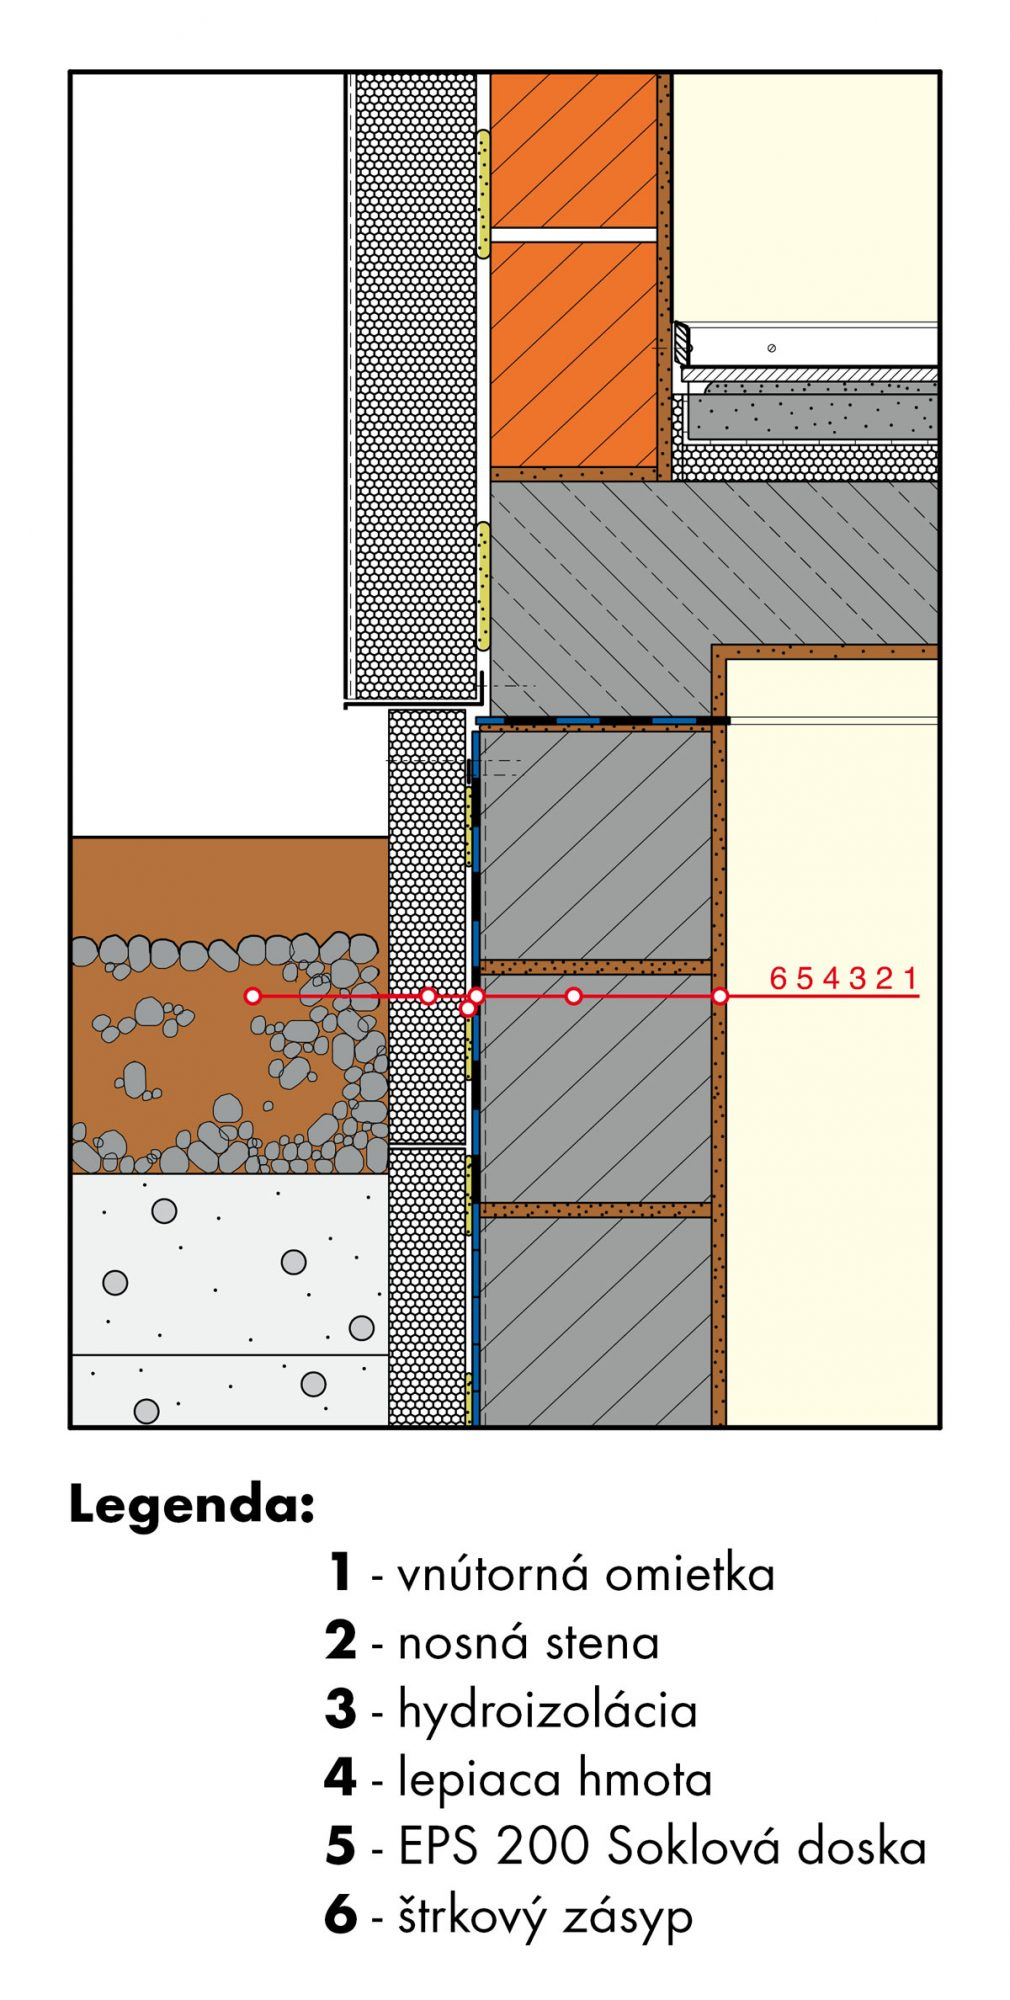 Soklová doska POLYFORM EPS 200 sa používa na tepelnú izoláciu vonkajších obvodových konštrukcií pod úrovňou terénu